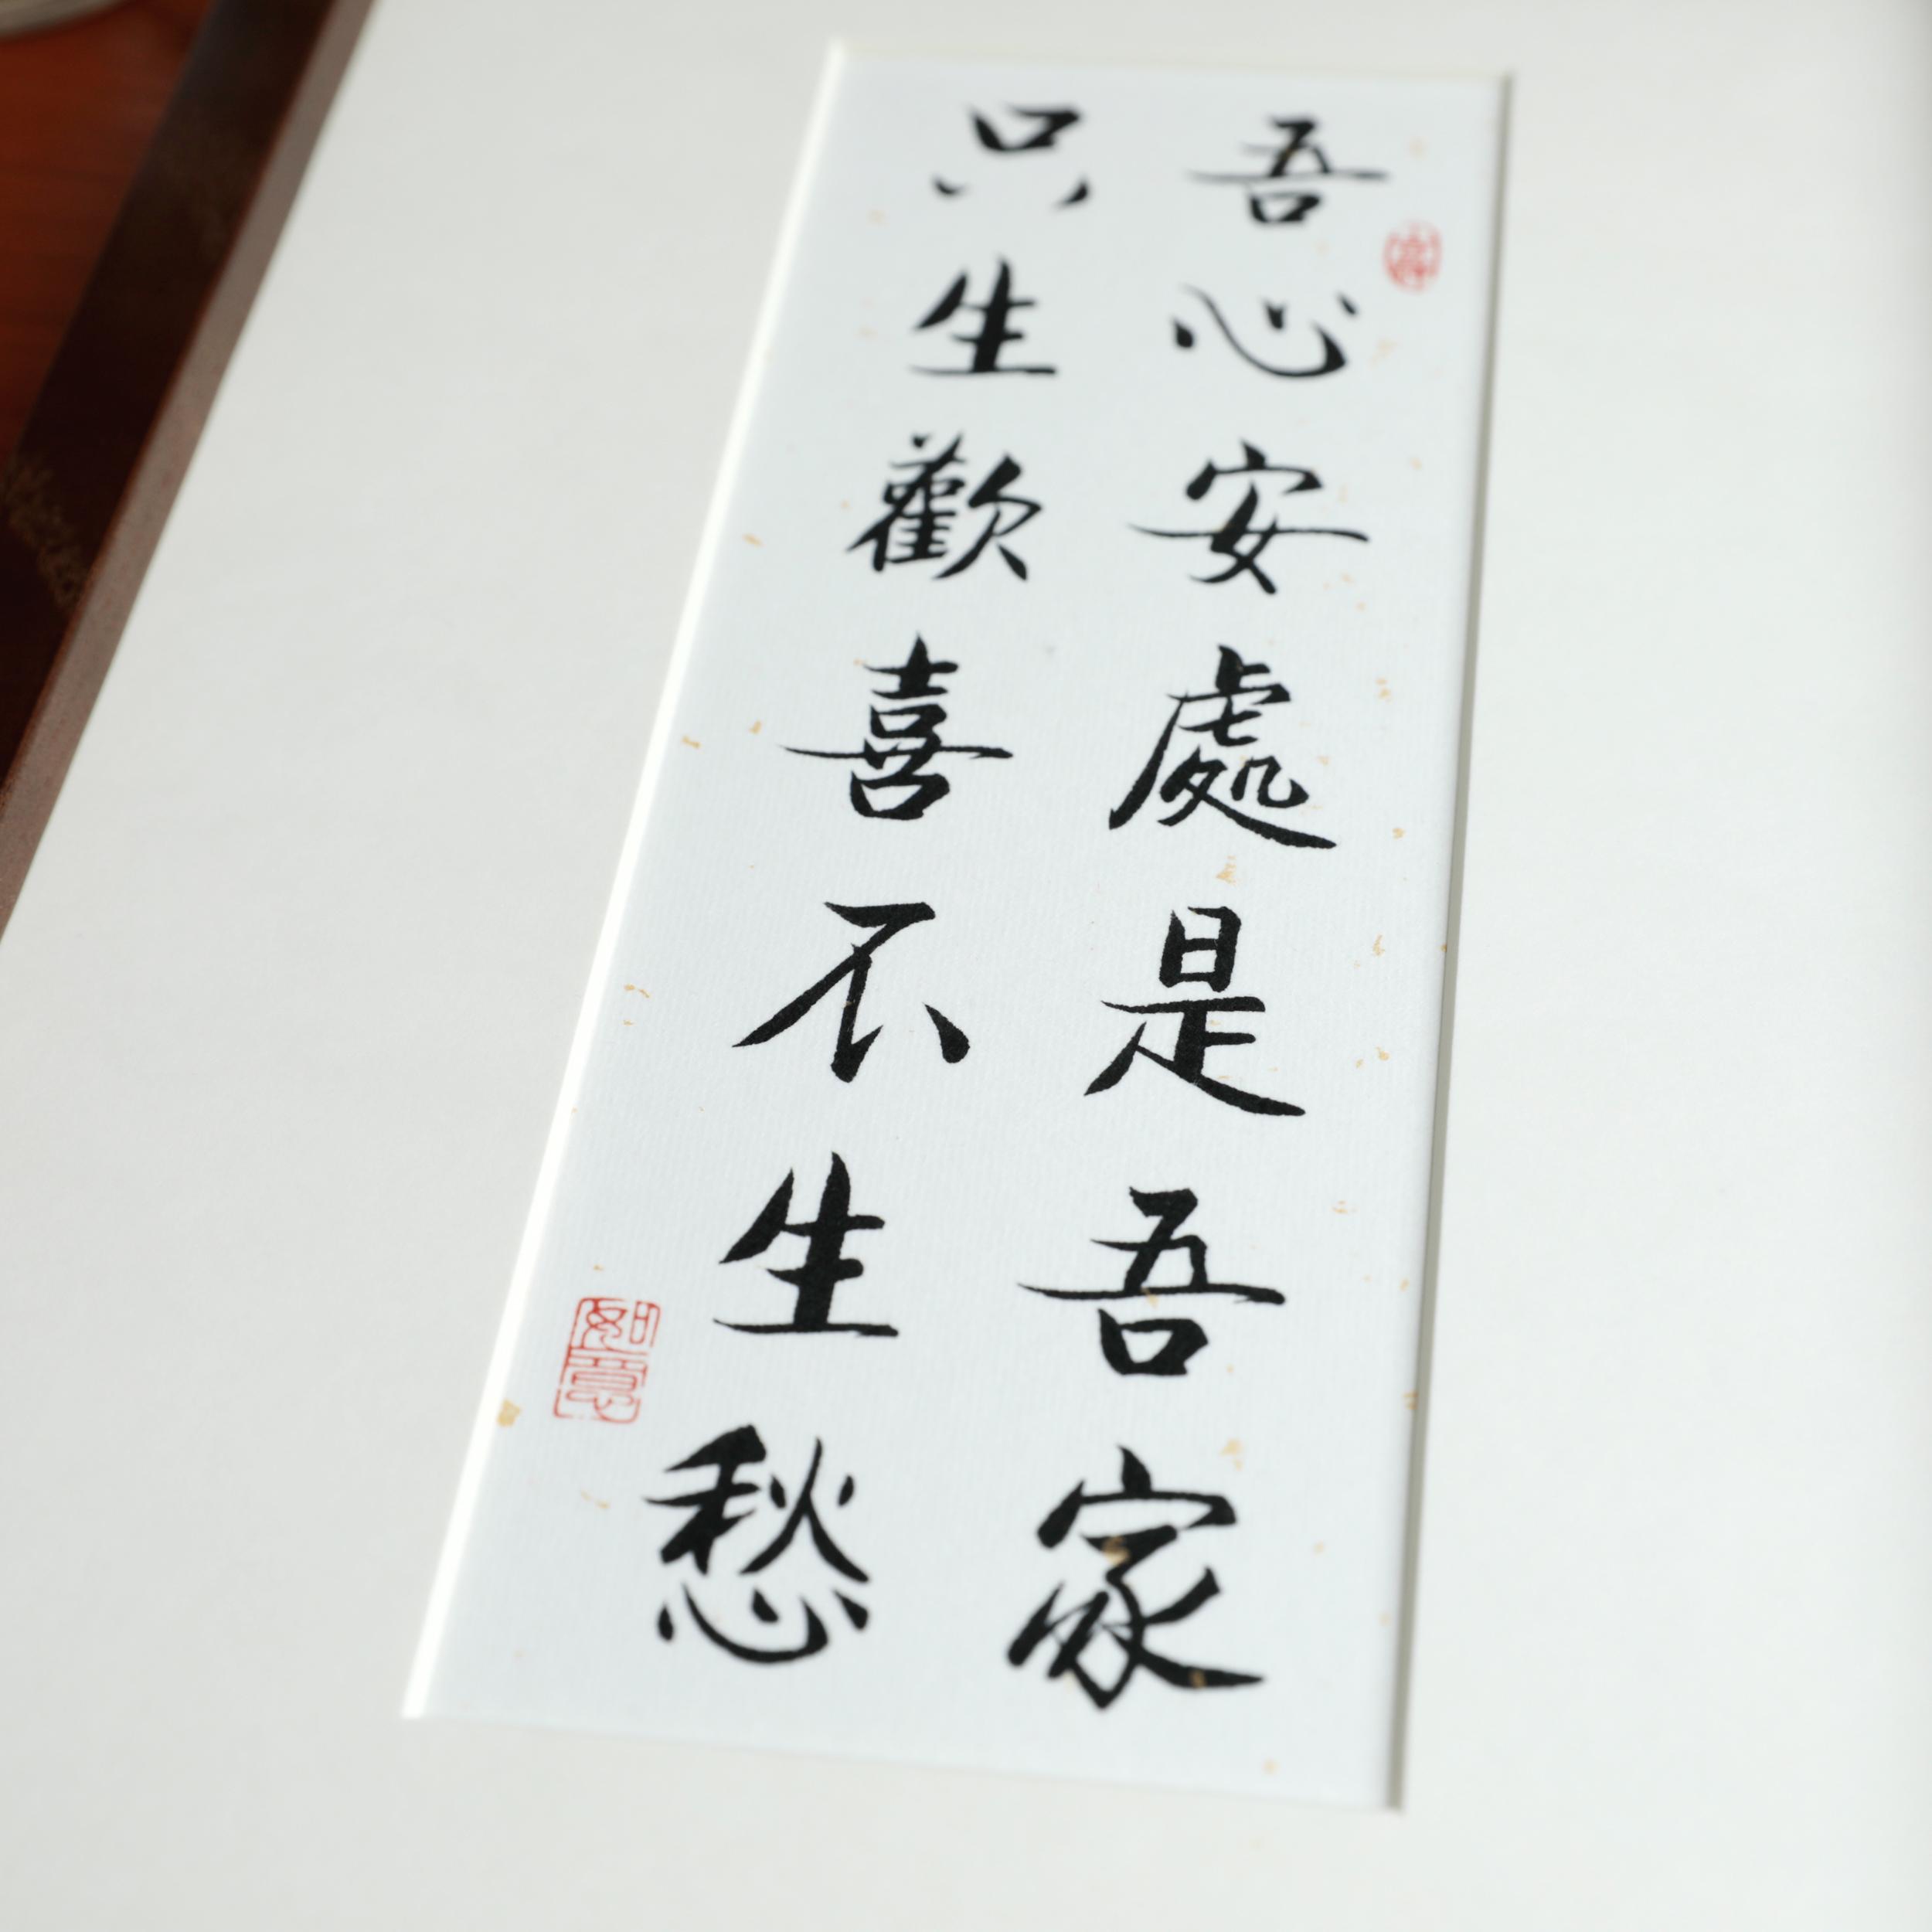 吾心安處只生歡喜現代新中式簡約實木相框擺臺生日客廳裝飾畫掛畫